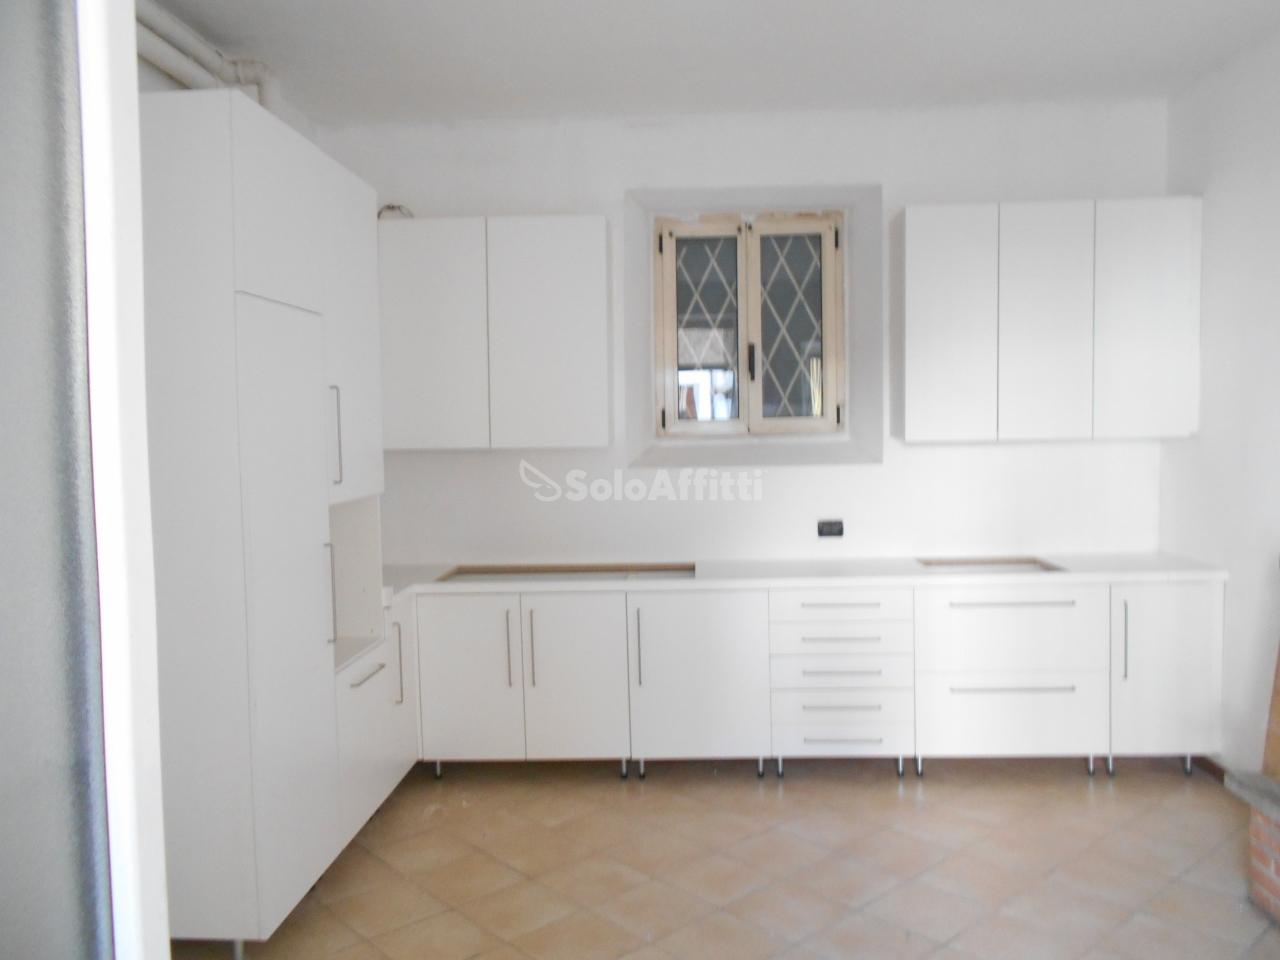 Appartamento in affitto a Carugo, 2 locali, prezzo € 450 | PortaleAgenzieImmobiliari.it